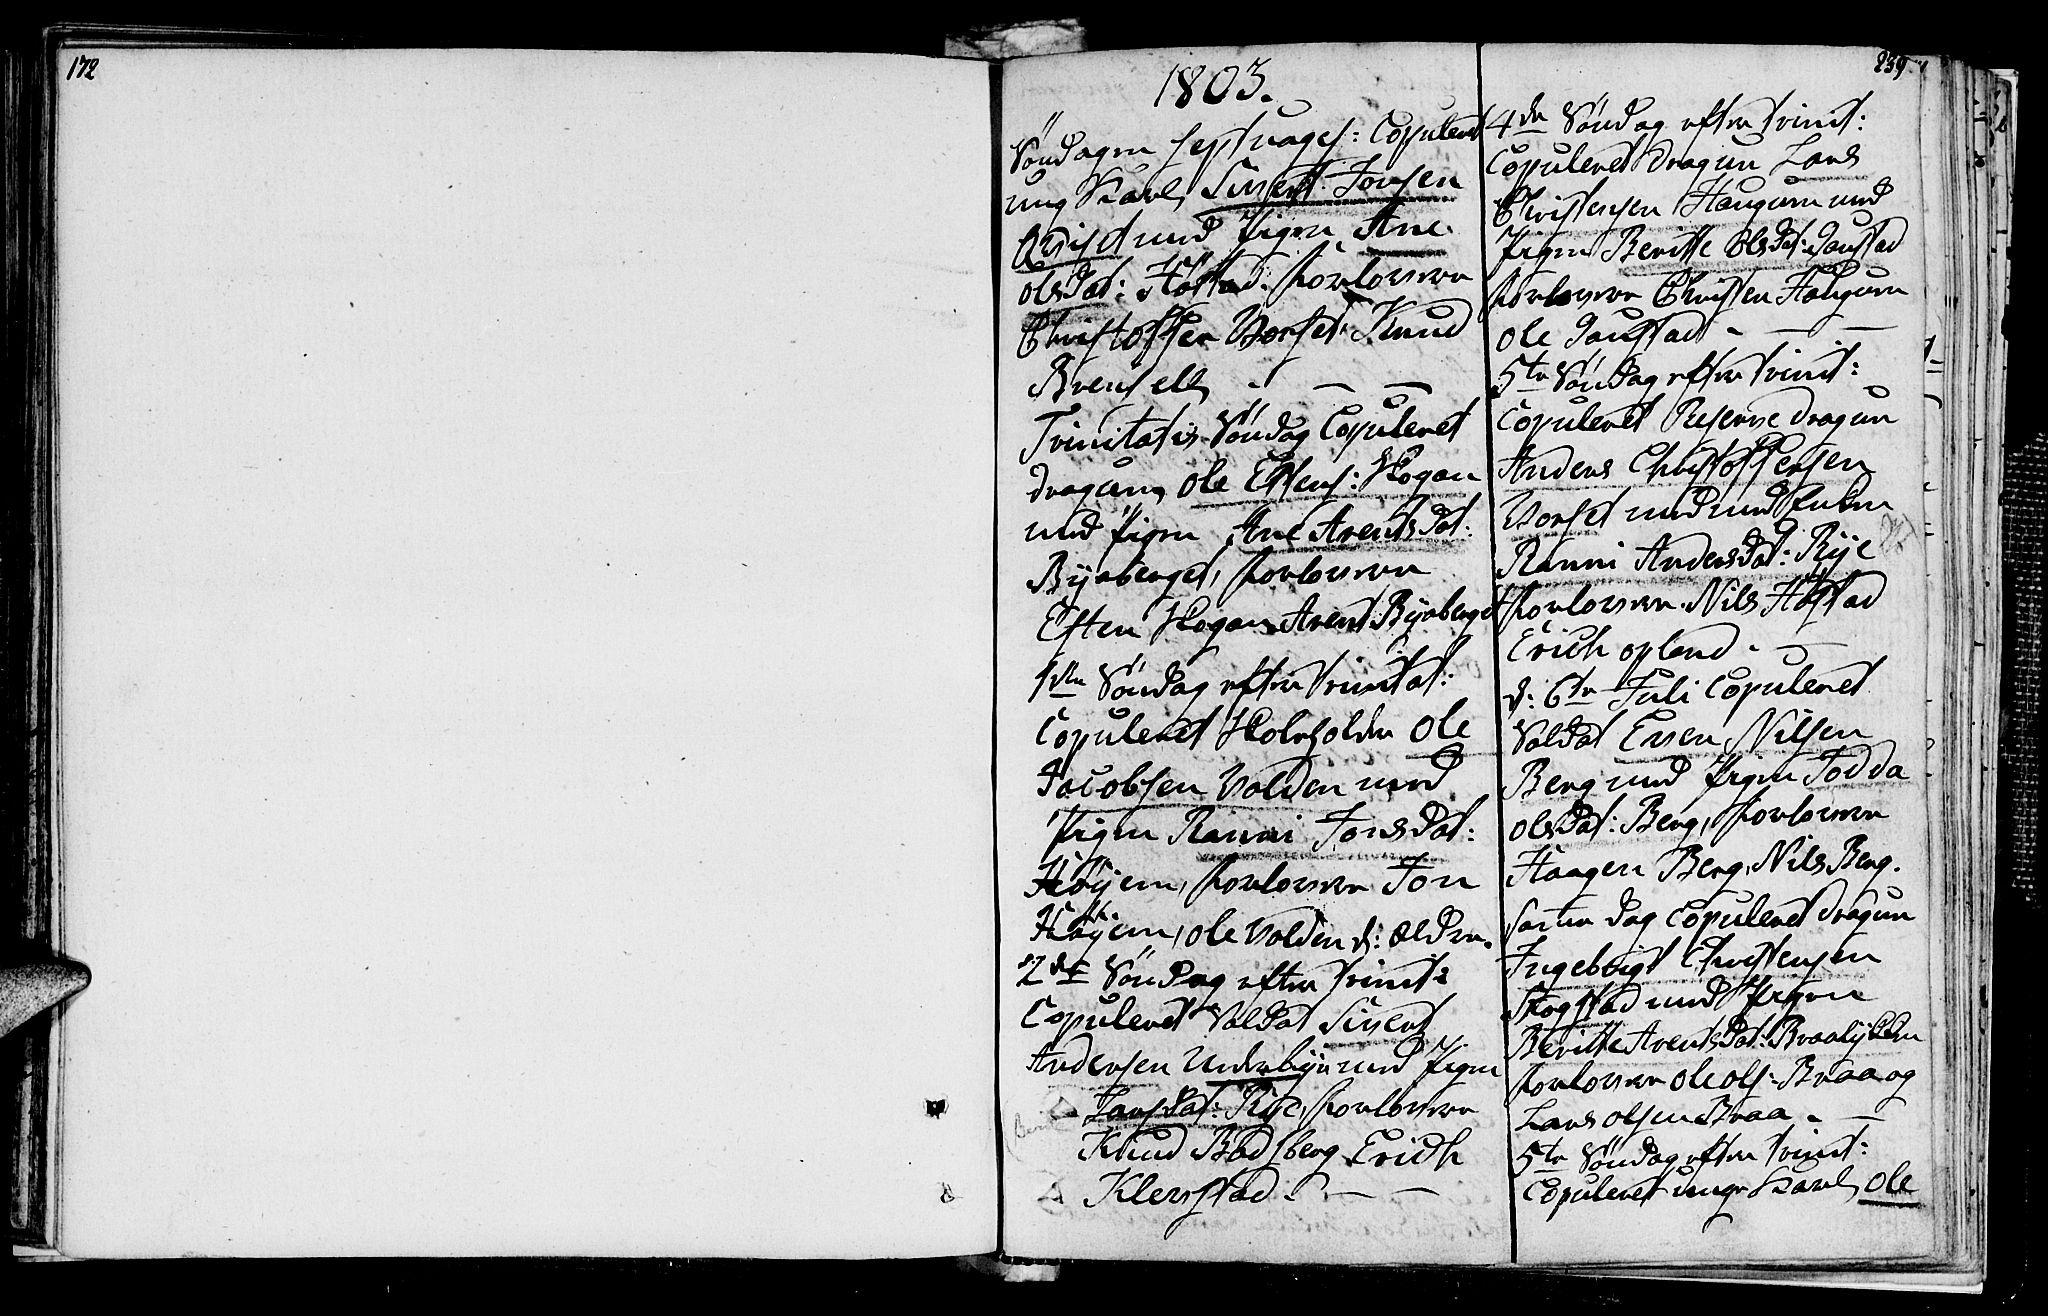 SAT, Ministerialprotokoller, klokkerbøker og fødselsregistre - Sør-Trøndelag, 612/L0371: Ministerialbok nr. 612A05, 1803-1816, s. 172-239